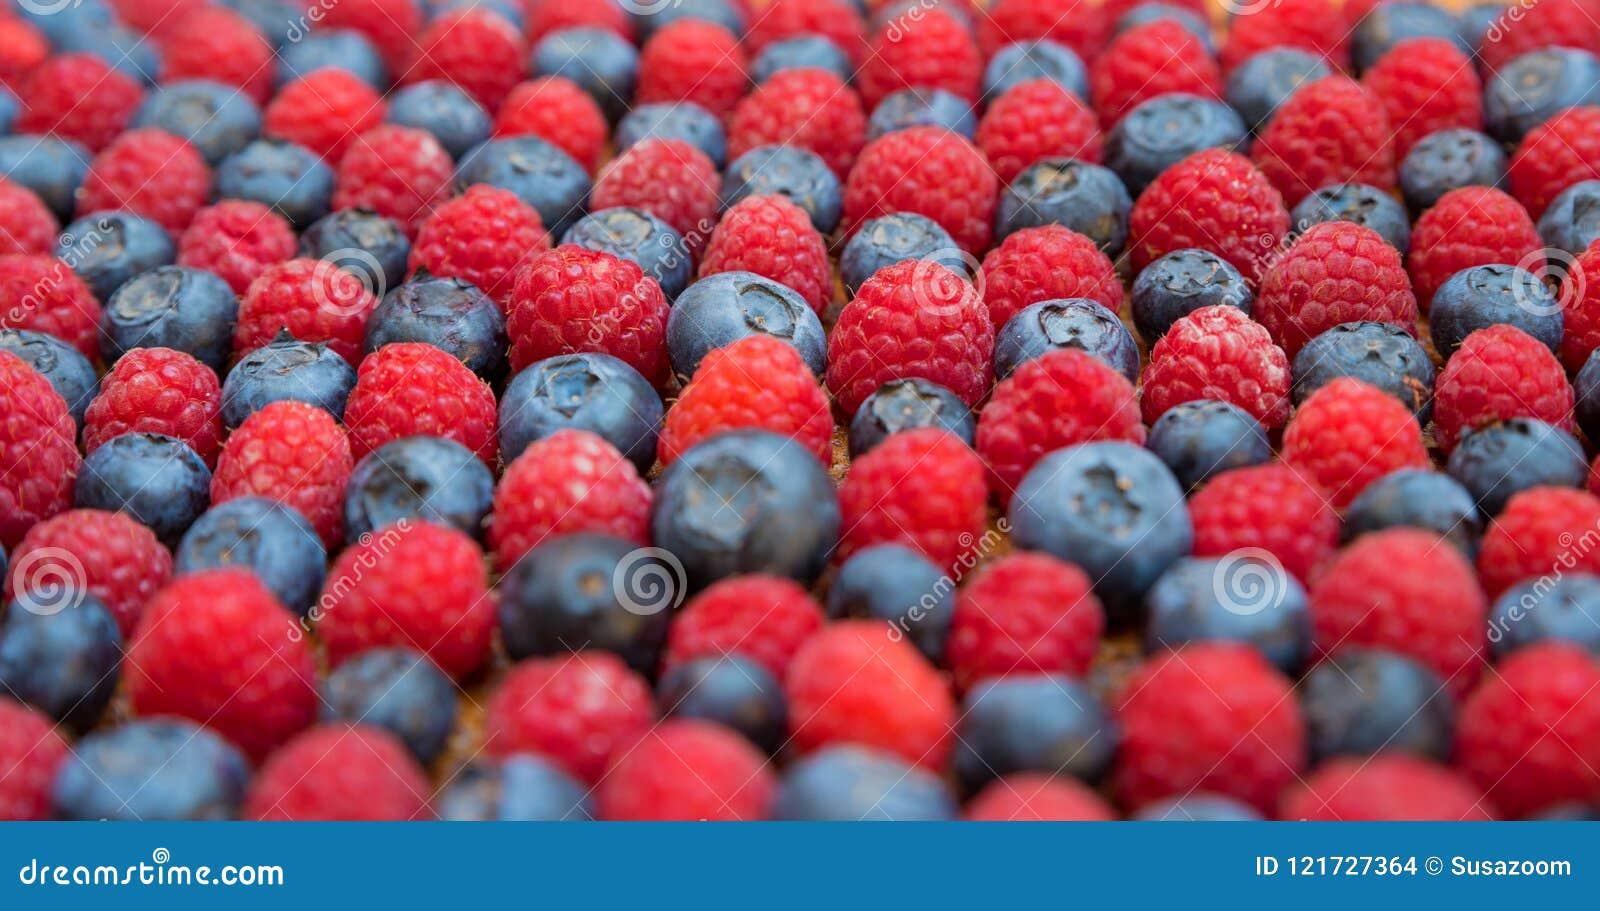 蓝莓和莓侧视图